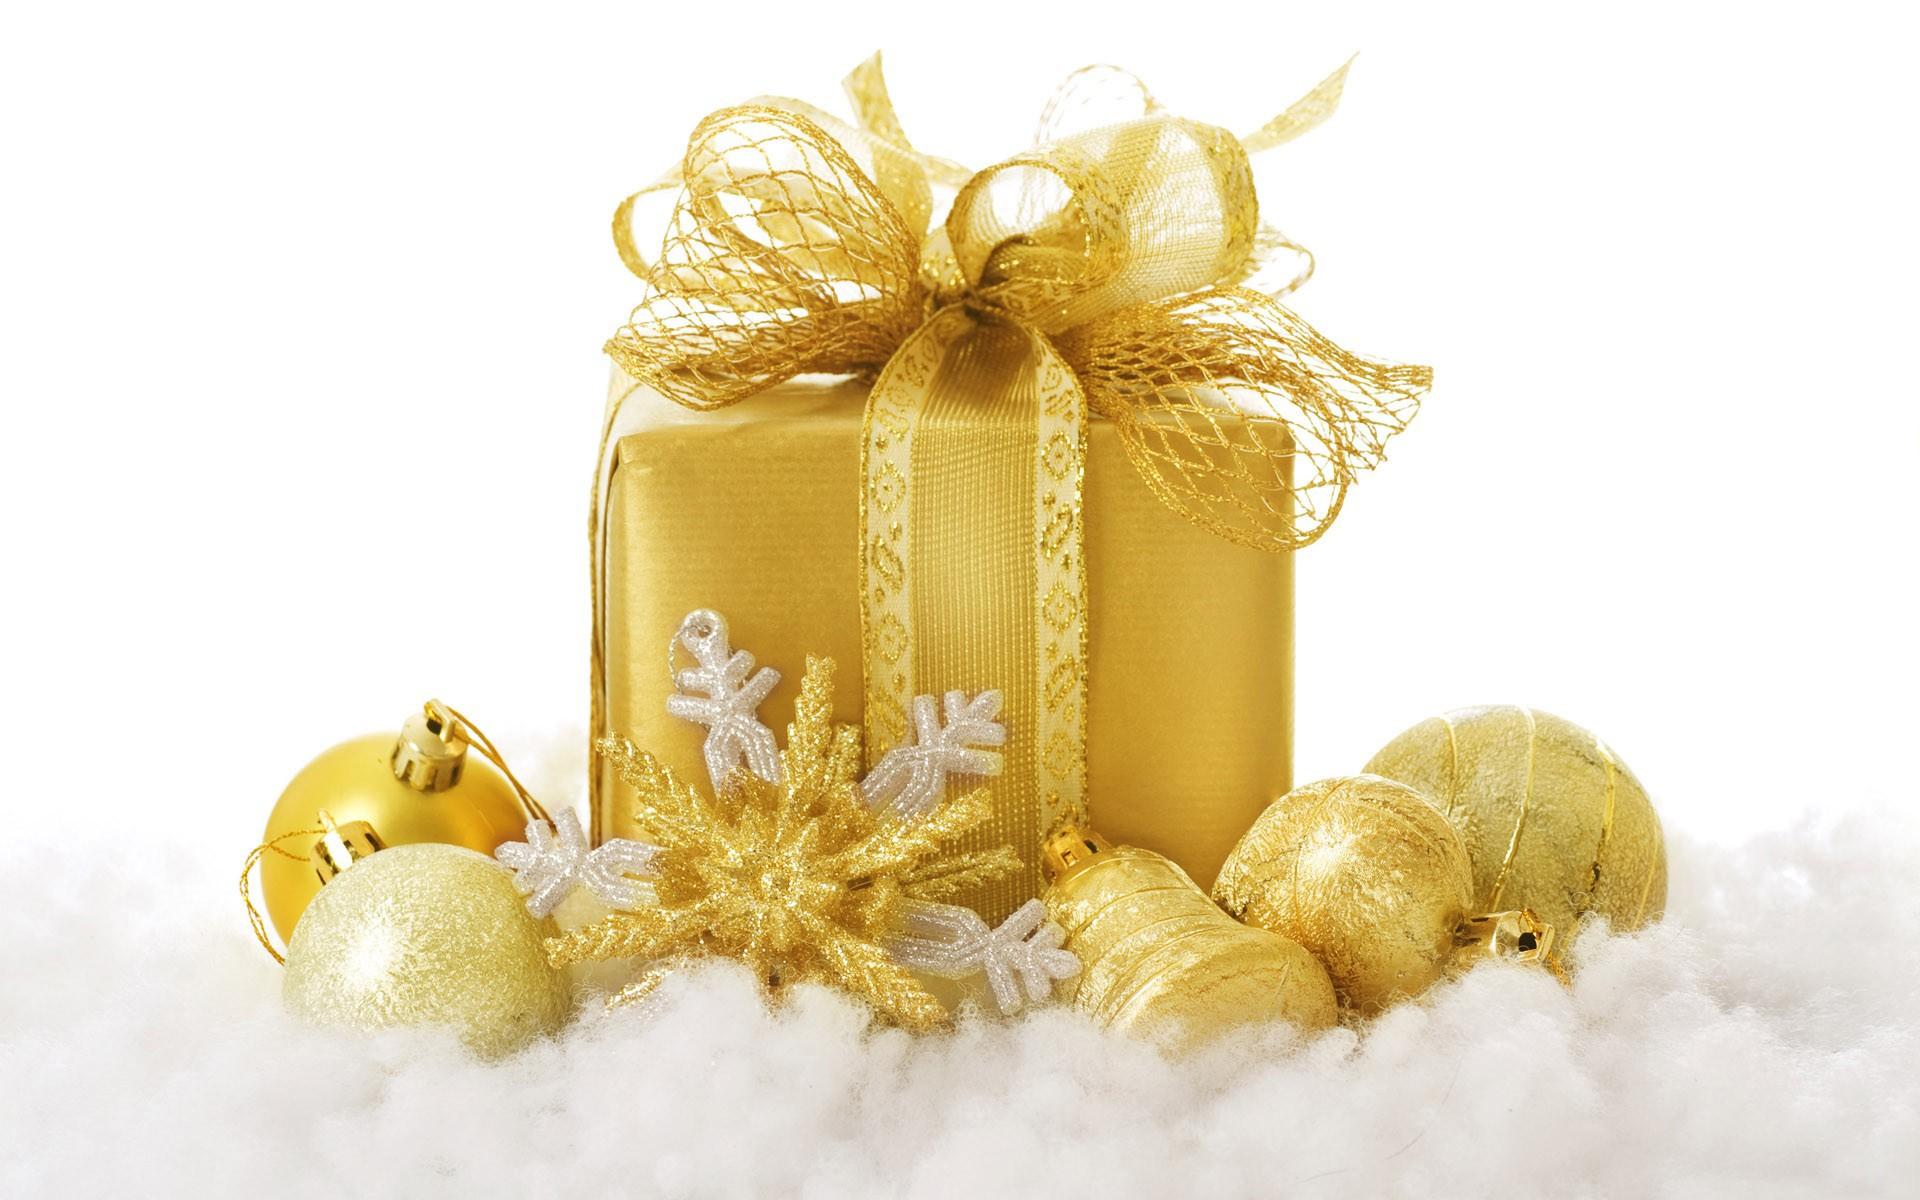 Como forrar regalos navidad - 1920x1200